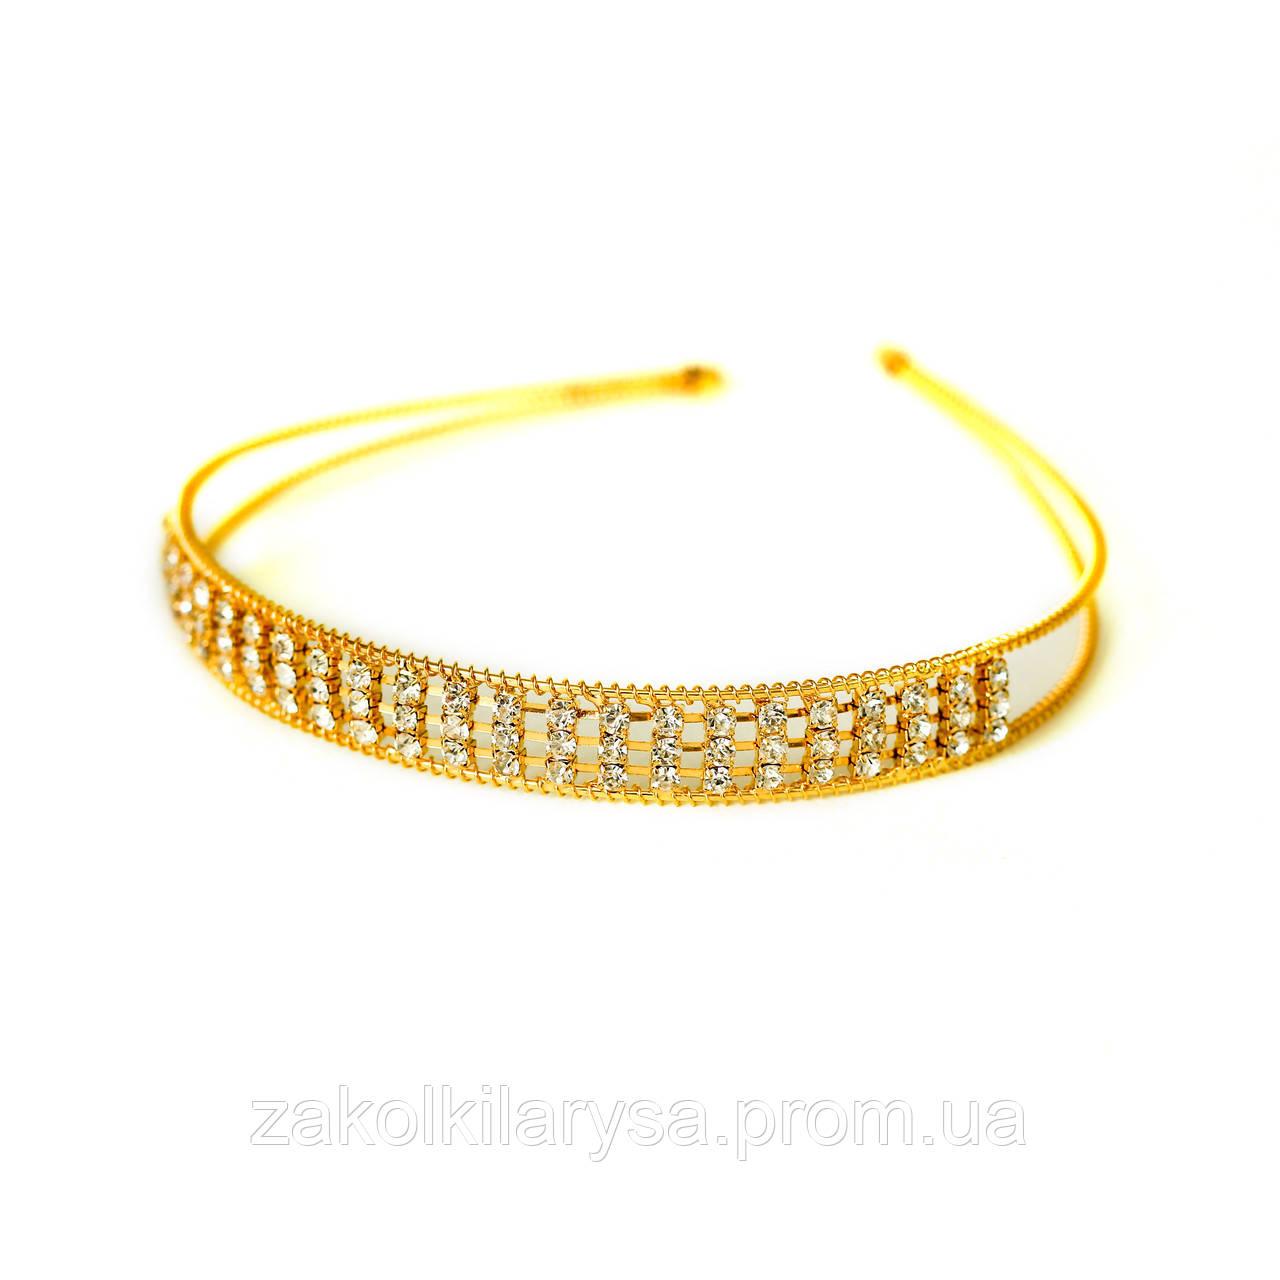 Обруч для волос  золото металл/ стразы 3 ряда- ширина 1,4 см,Ø 13 см